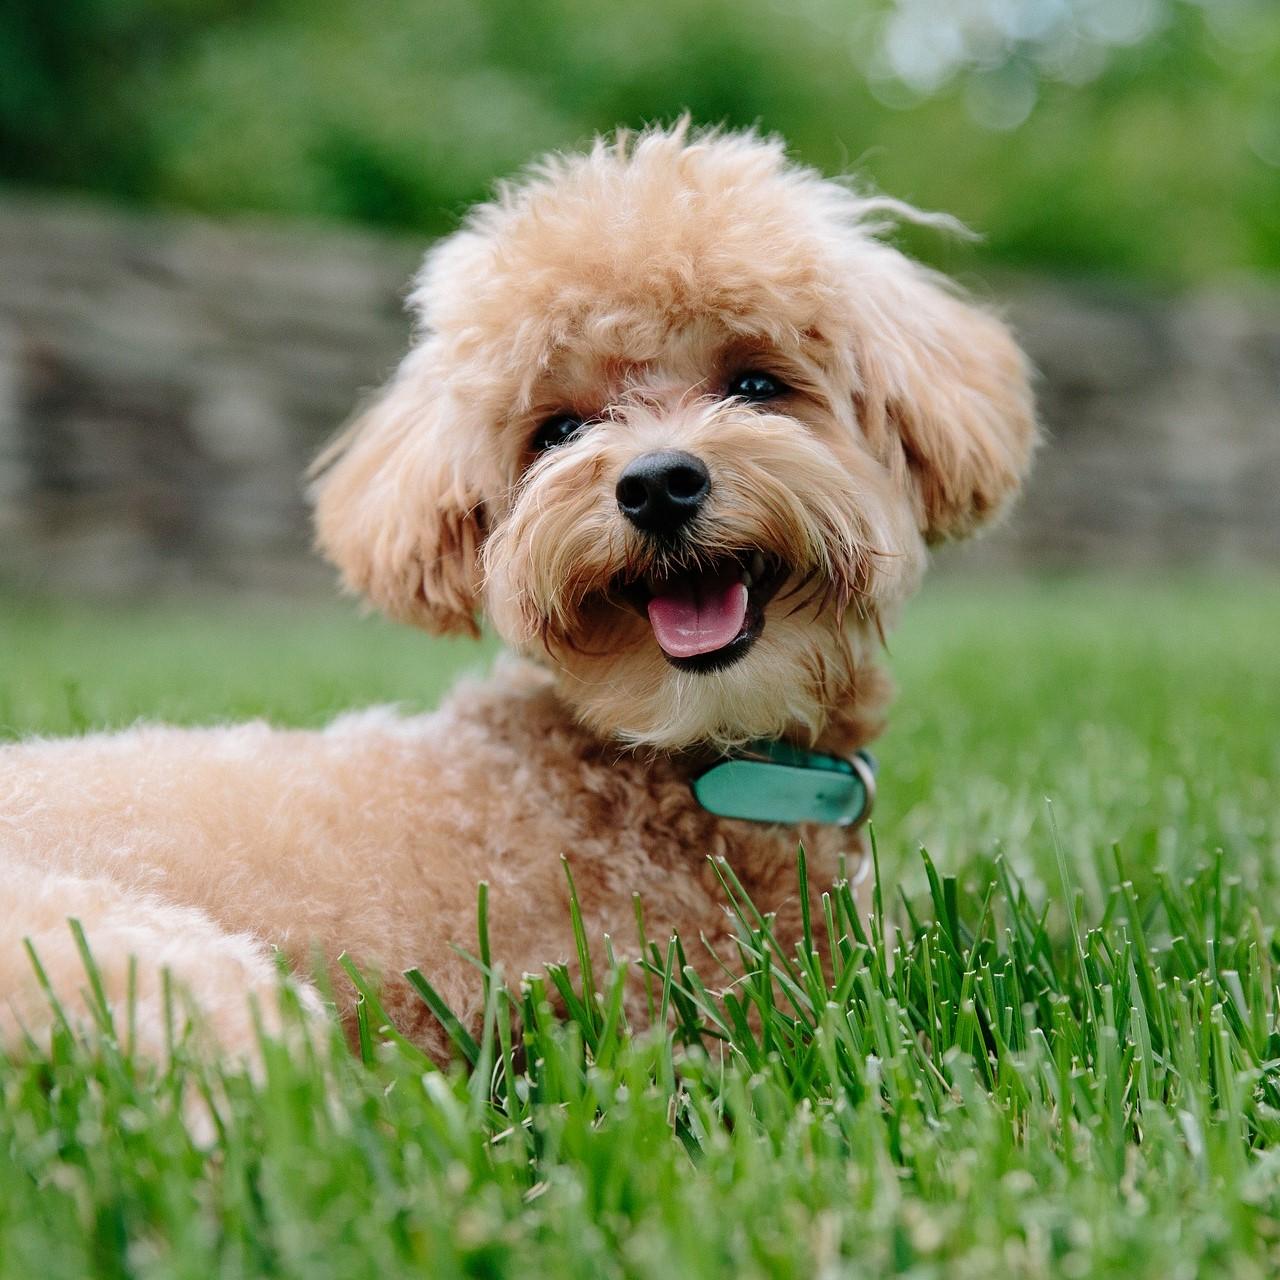 puppy-3979350_1920